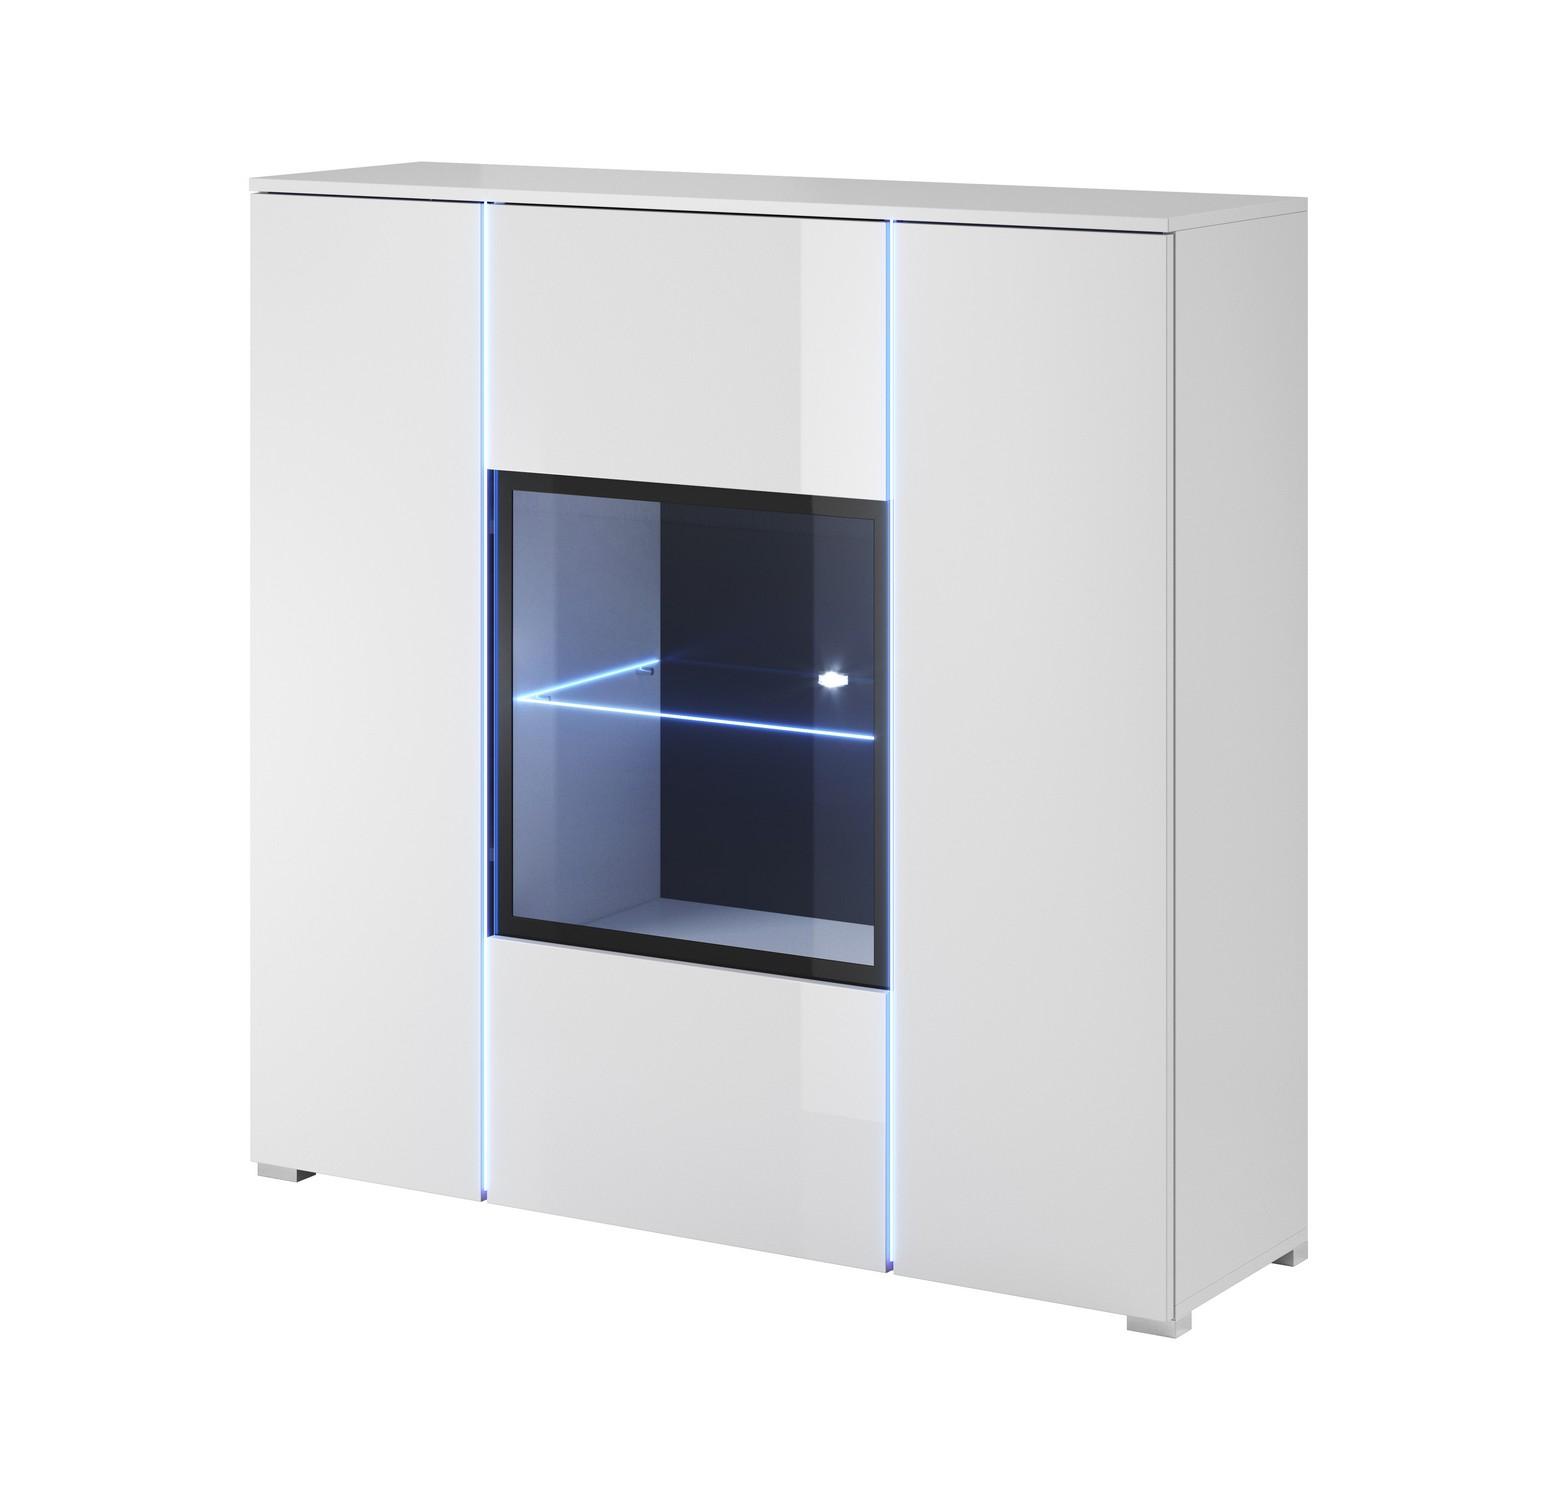 kommode highboard simple mit beleuchtung ebay. Black Bedroom Furniture Sets. Home Design Ideas